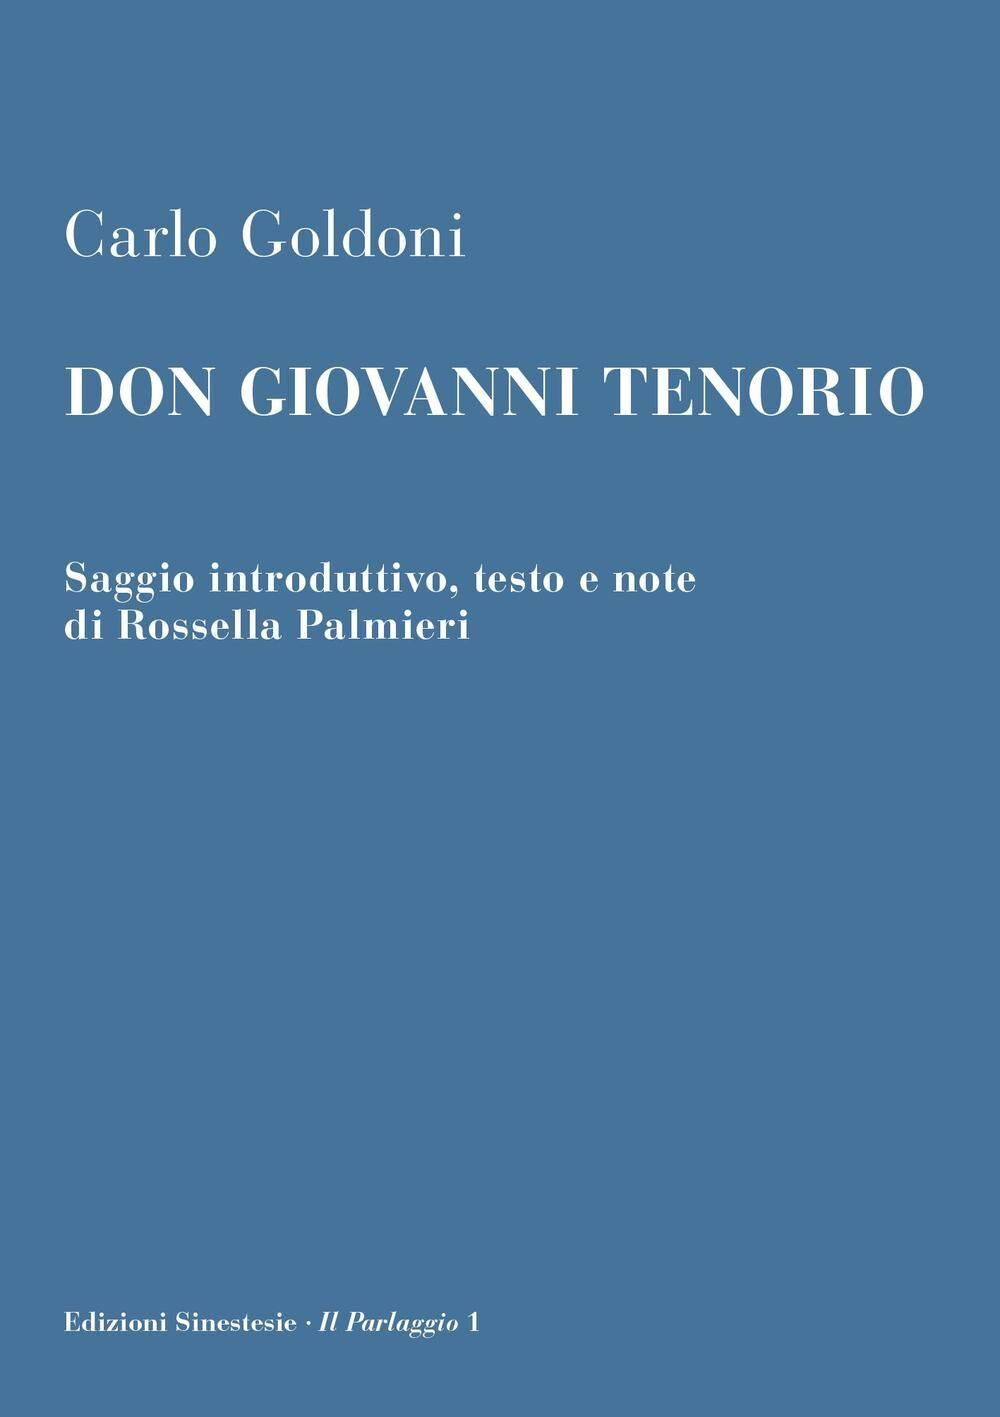 Don Giovanni Tenorio